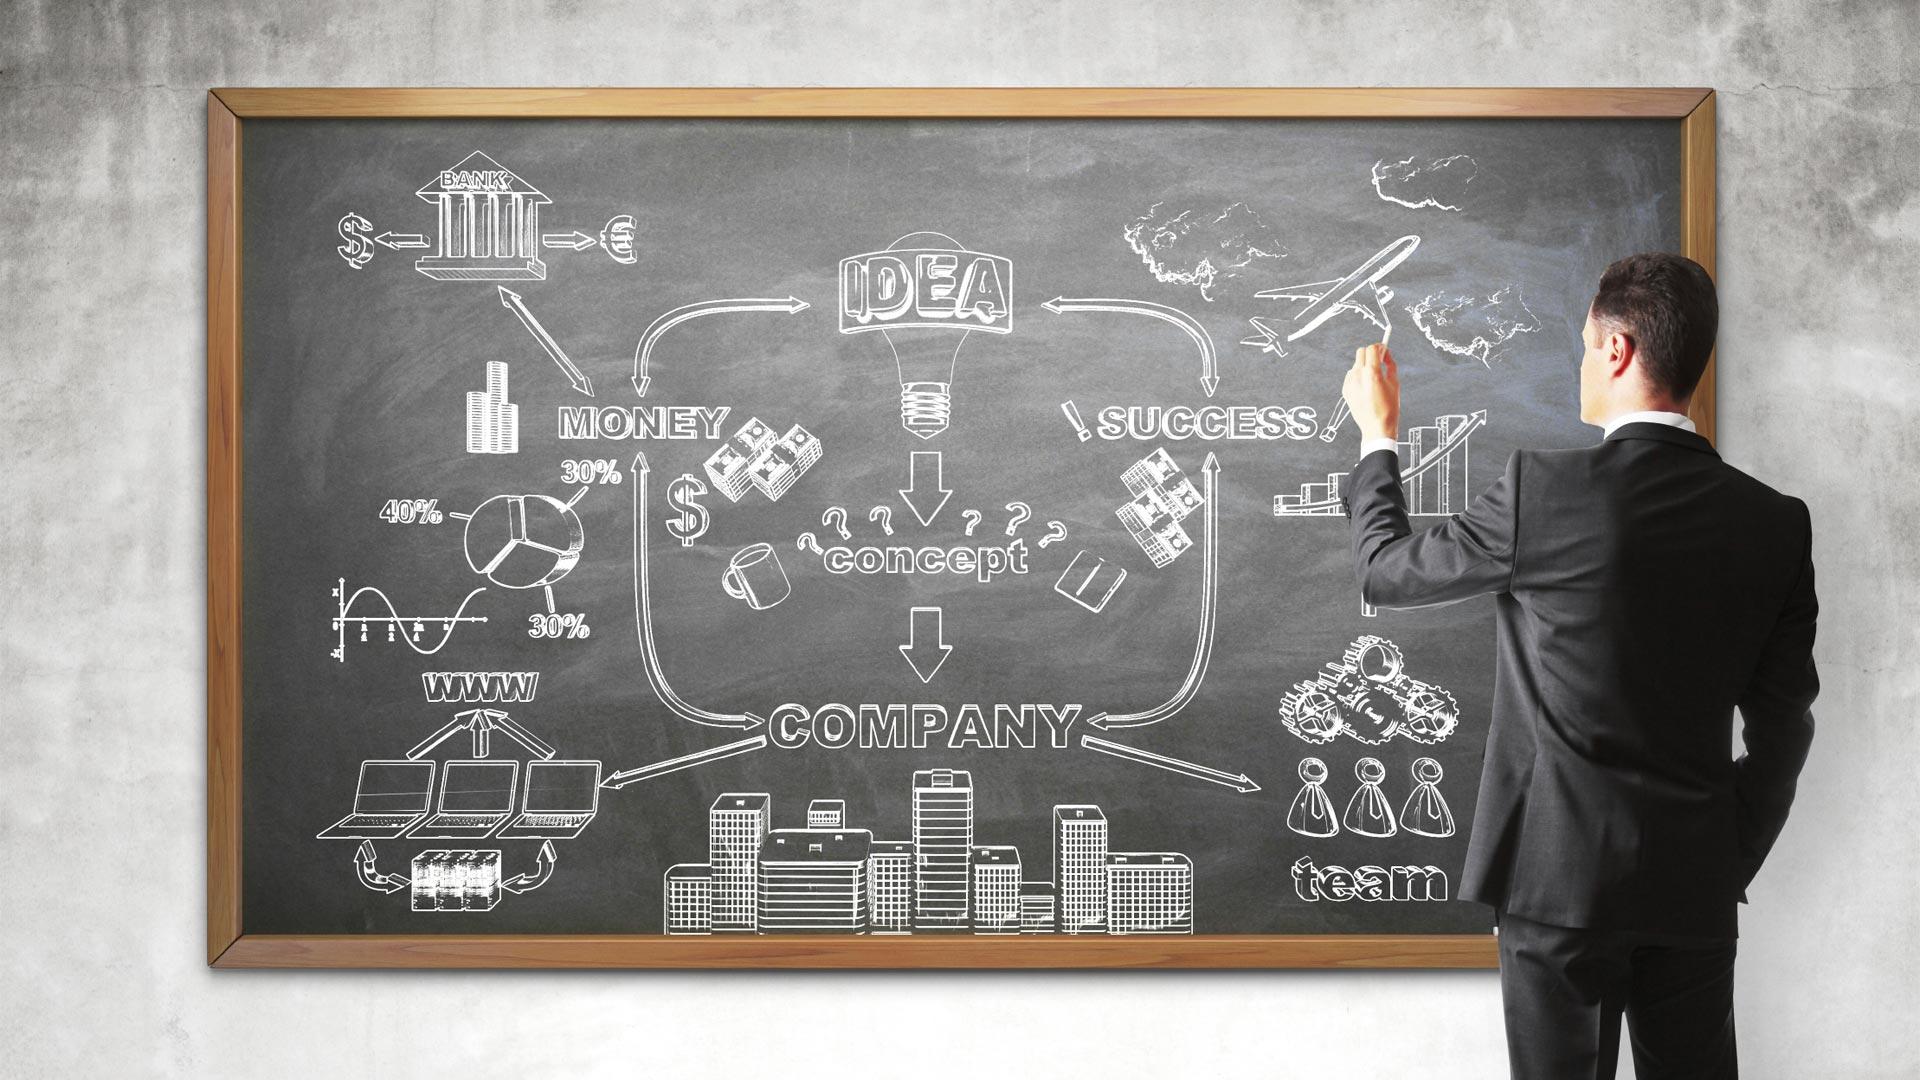 Si bien parece imposible, se puede iniciar un negocio con poco capital. Solo hacen falta ganas de trabajar